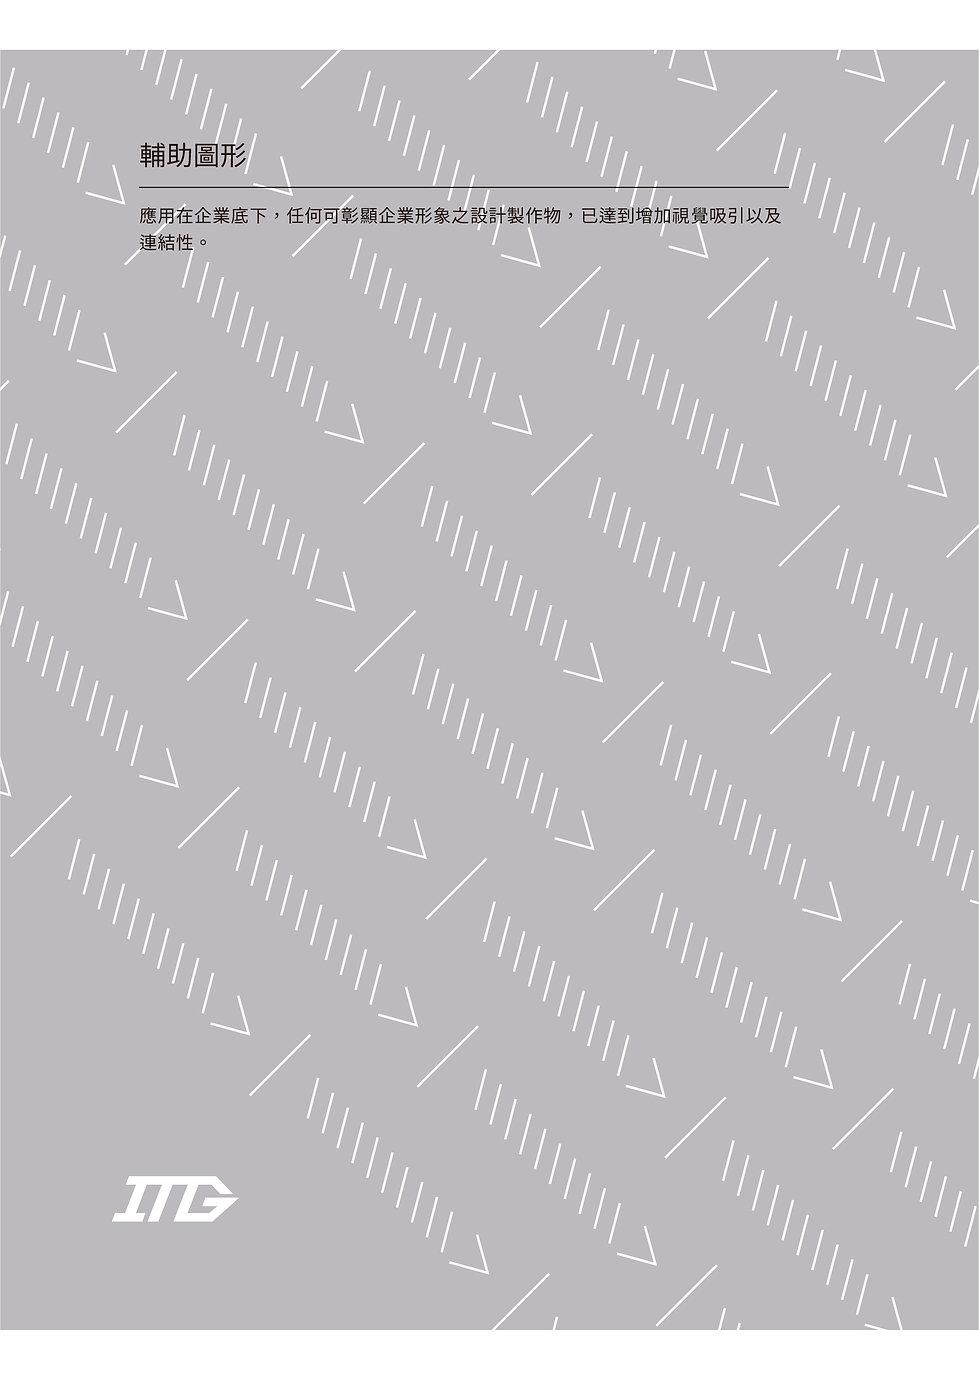 新鑫金屬標誌基礎系統-作品用-21.jpg